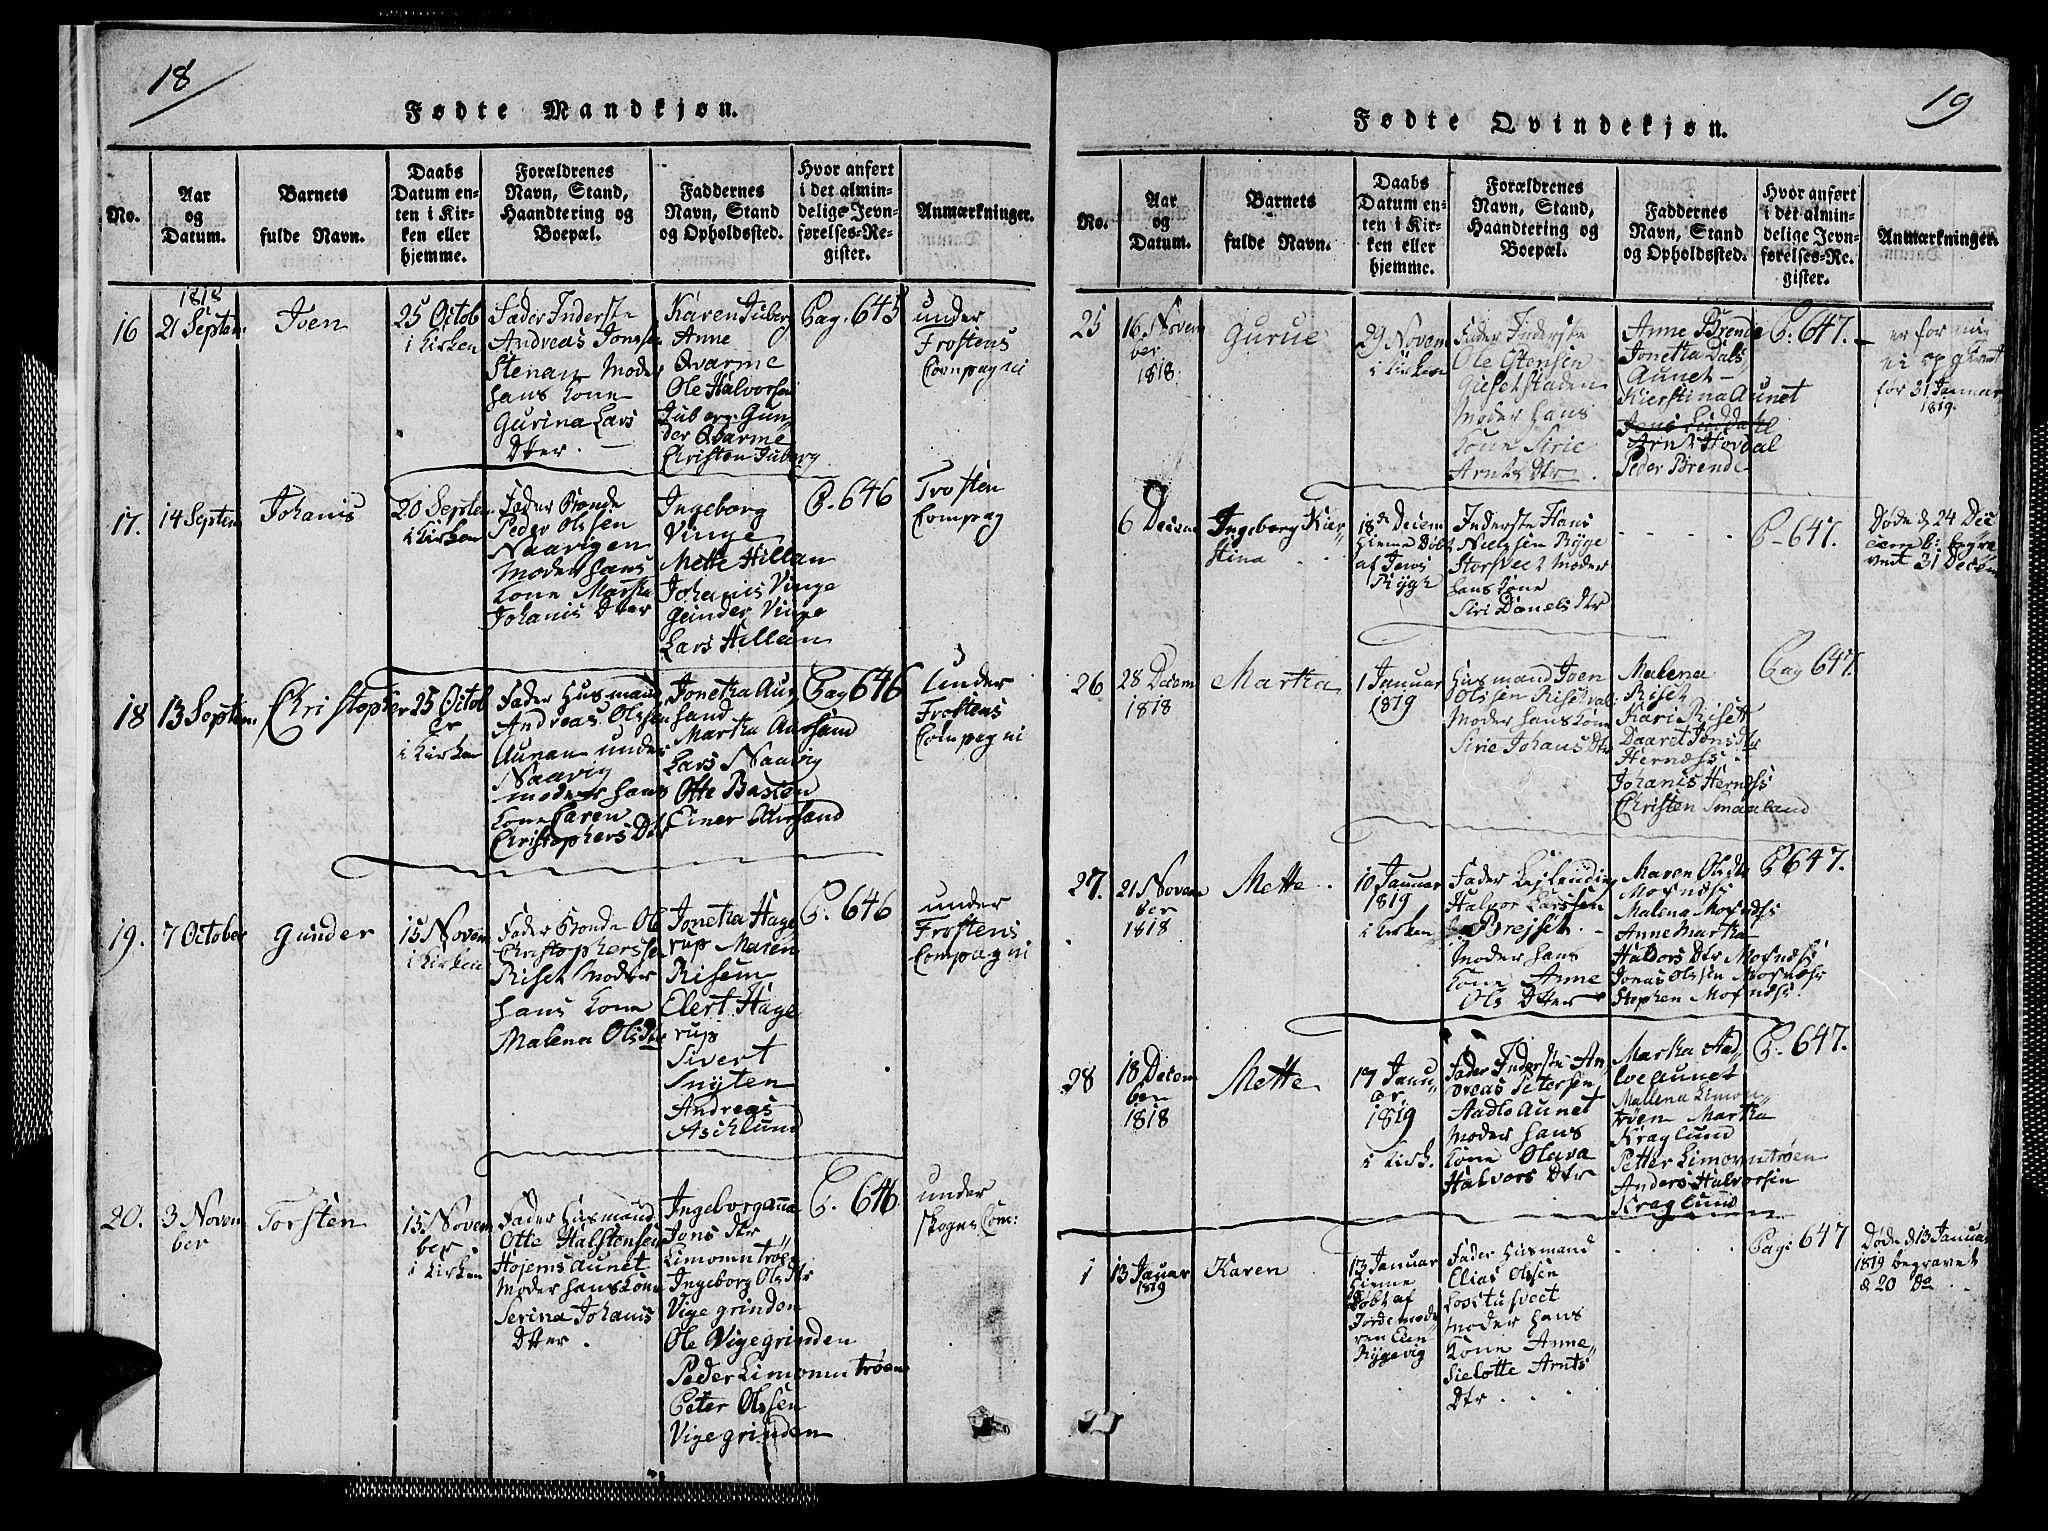 SAT, Ministerialprotokoller, klokkerbøker og fødselsregistre - Nord-Trøndelag, 713/L0124: Klokkerbok nr. 713C01, 1817-1827, s. 18-19